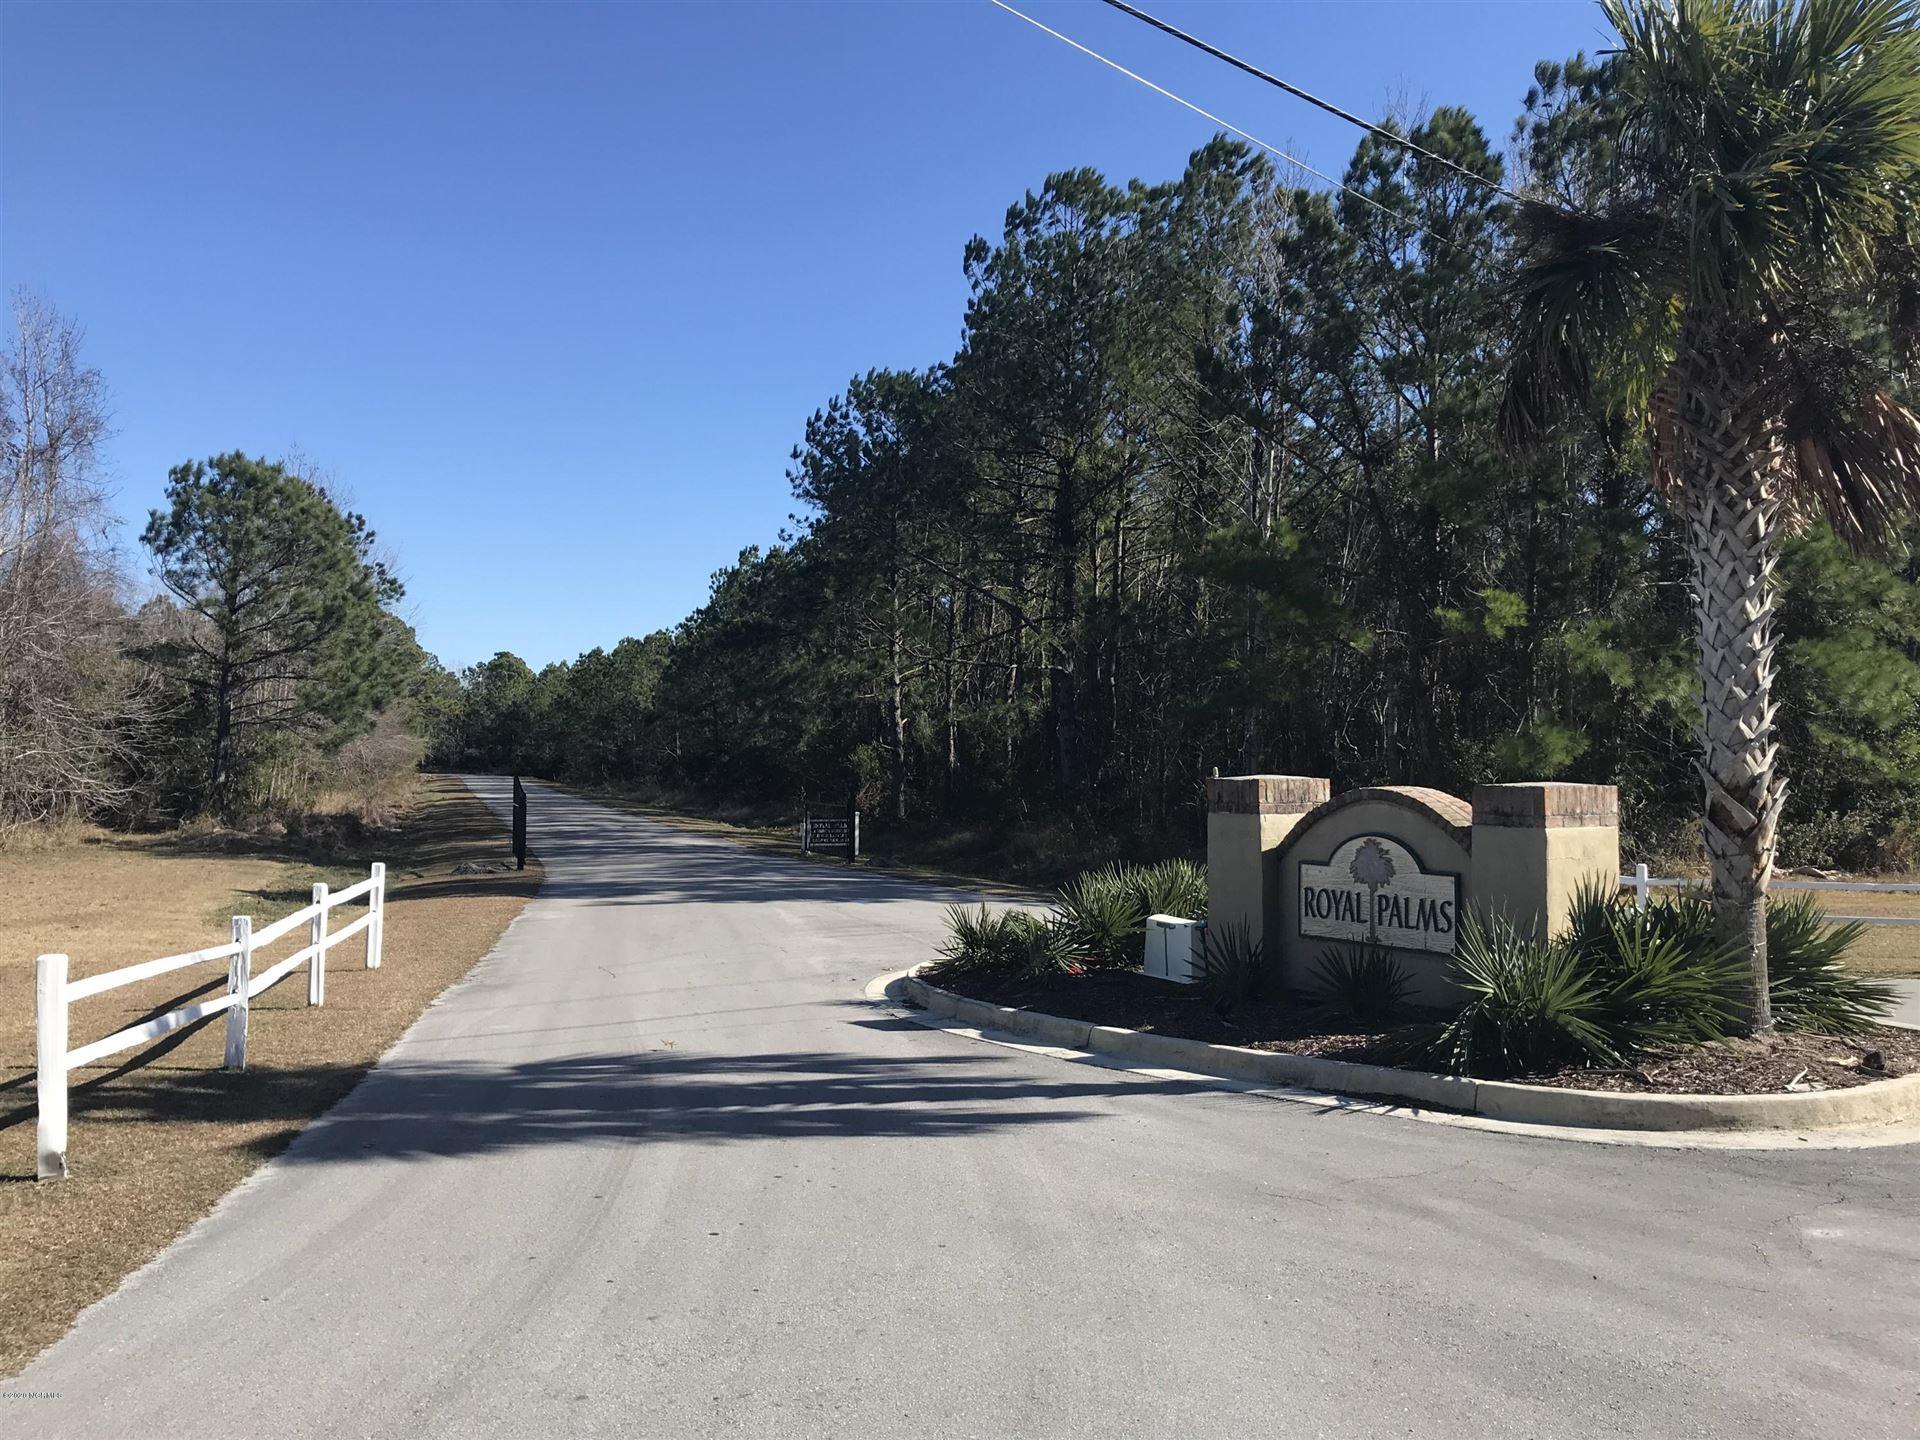 Photo of 196 Royal Palms Way, Holly Ridge, NC 28445 (MLS # 100201102)